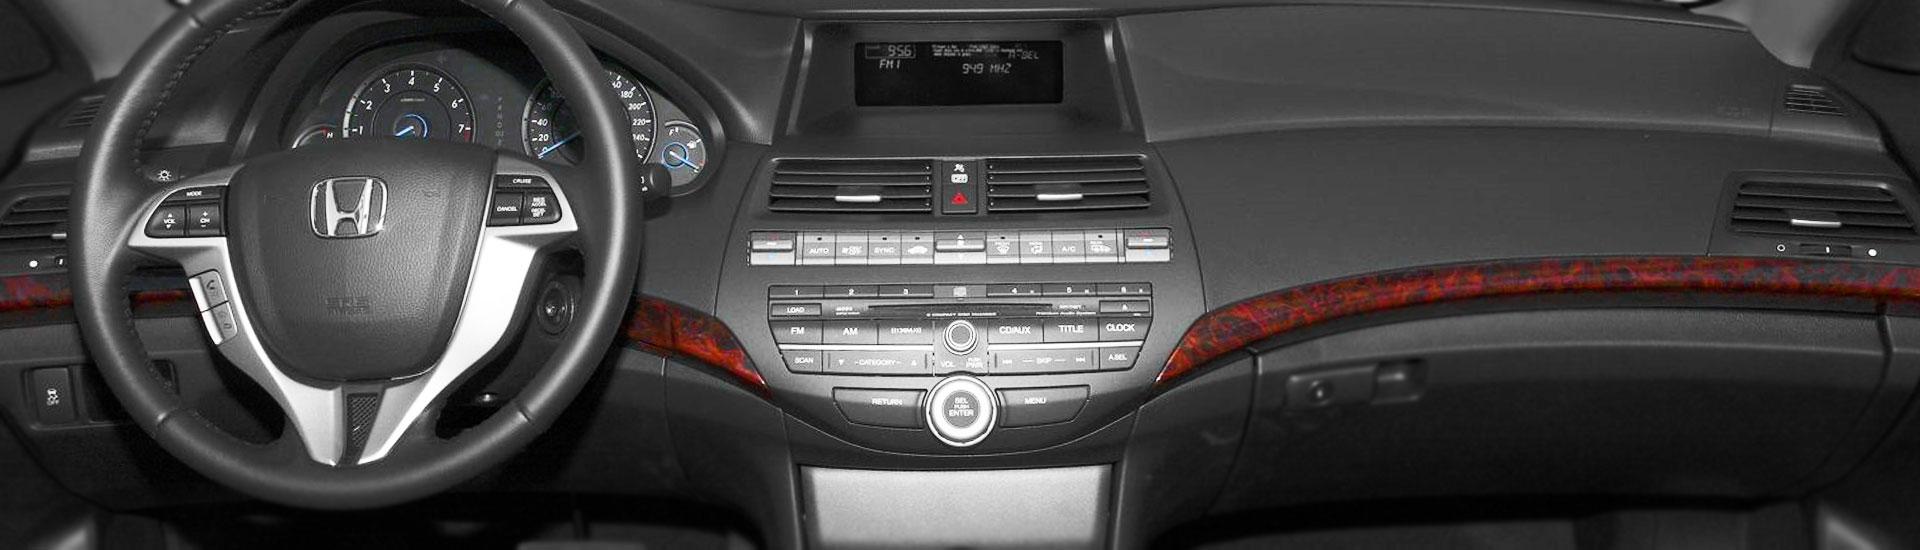 Honda Crosstour Custom Lowered Dash Kits Kit 1920x550